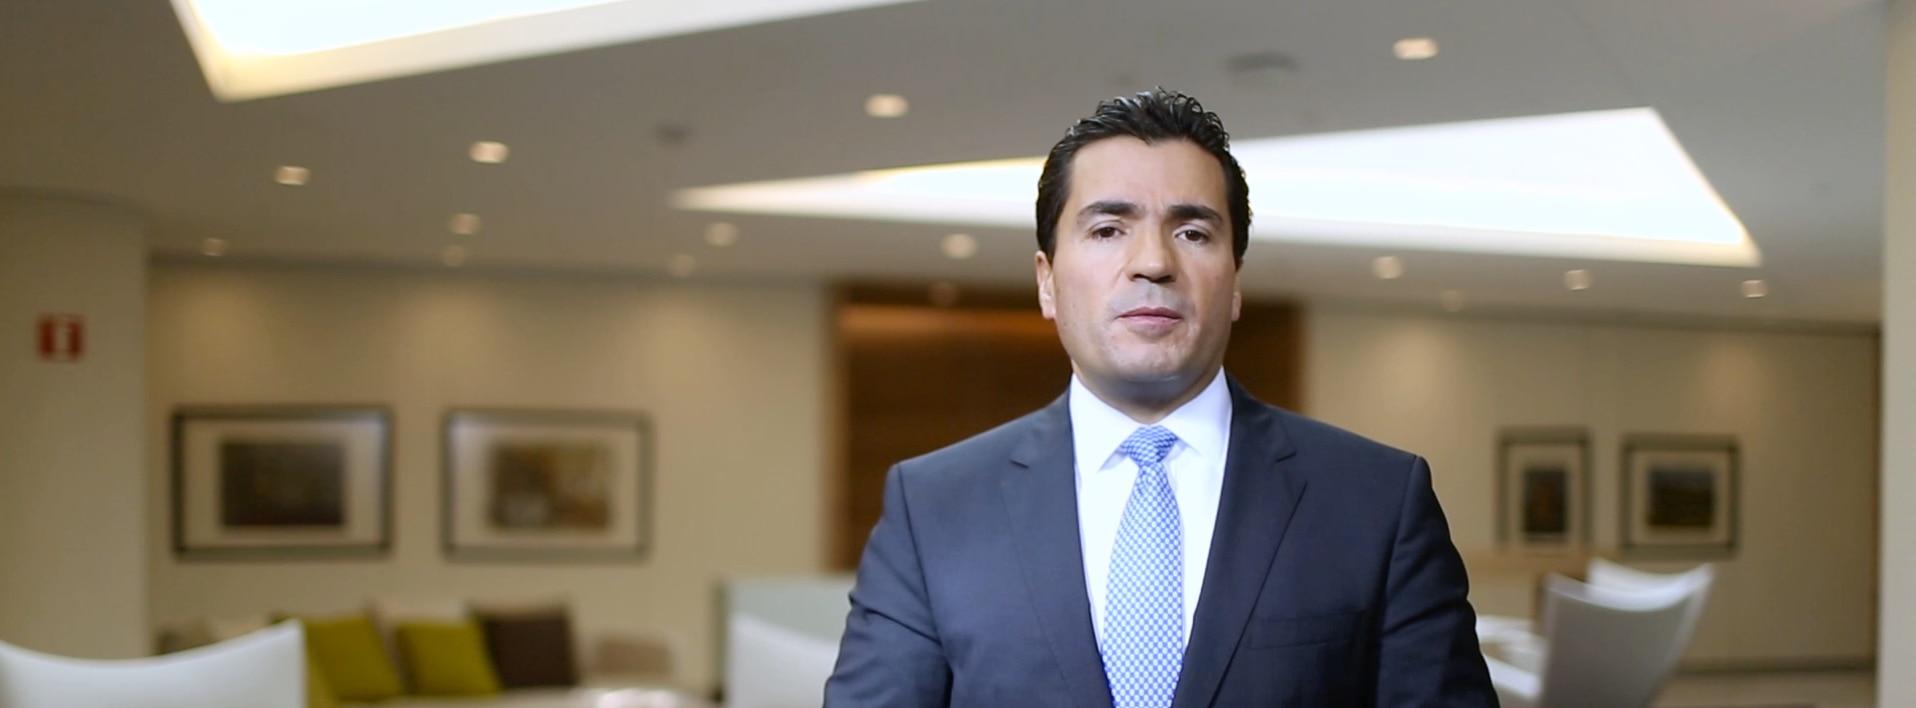 fotografia de eduardo osuna mexico country manager bancomer bbva